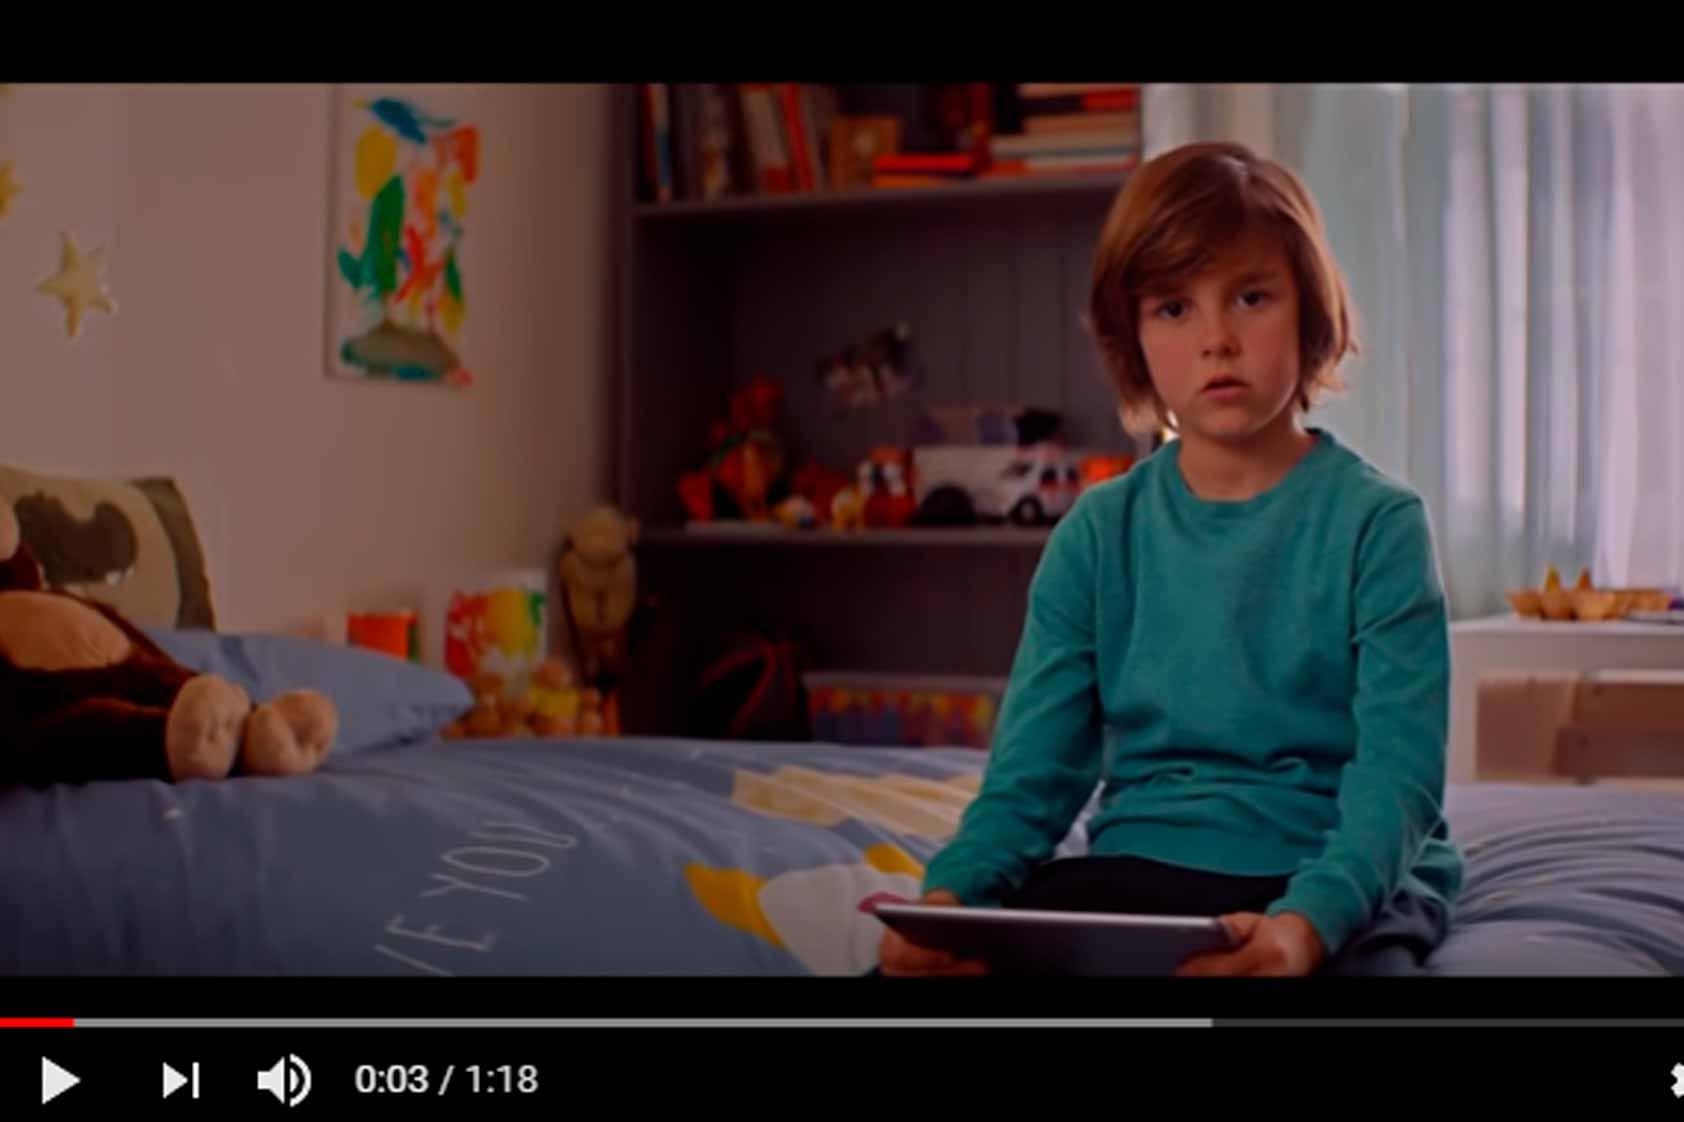 Sharenting: Compartiendo los datos de nuestros hijos a terceros por un Me gusta